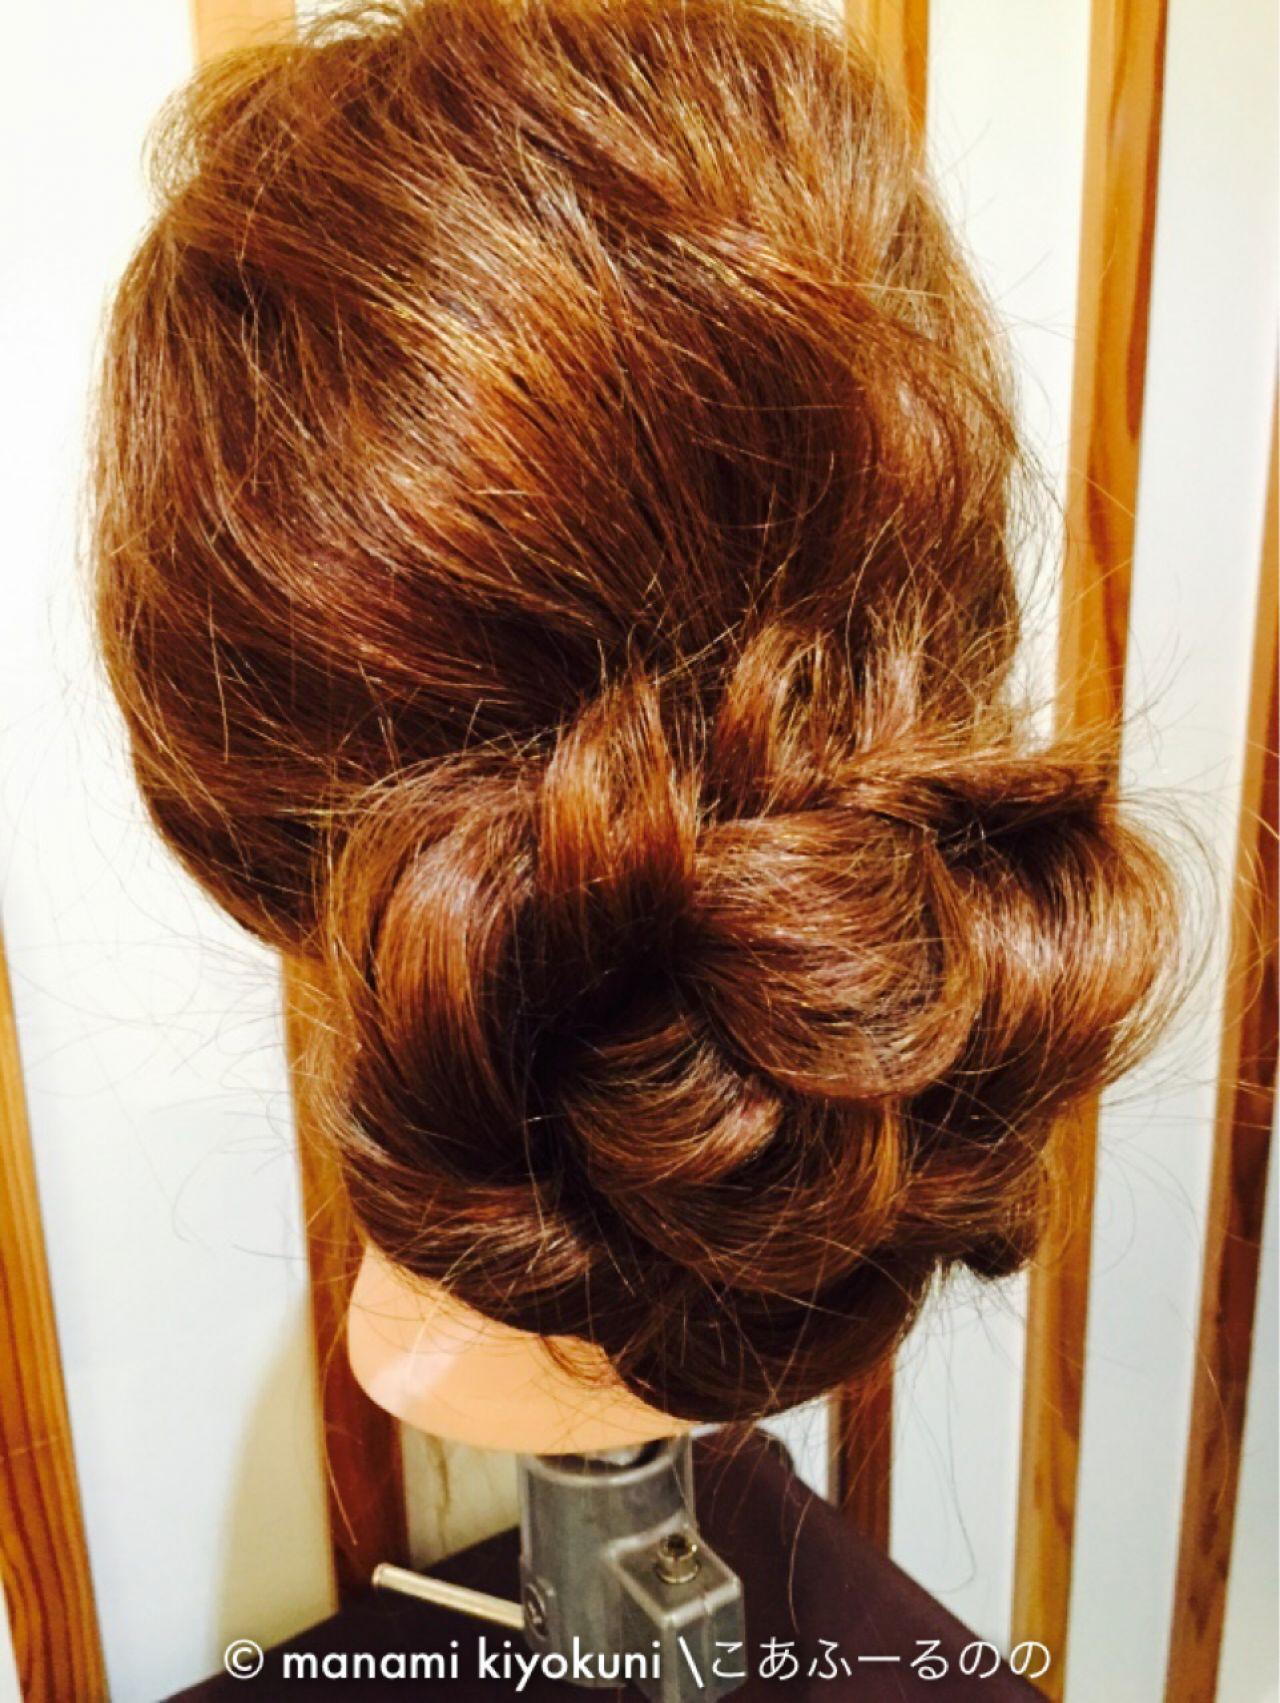 大人かわいい フェミニン ヘアアレンジ お団子 ヘアスタイルや髪型の写真・画像